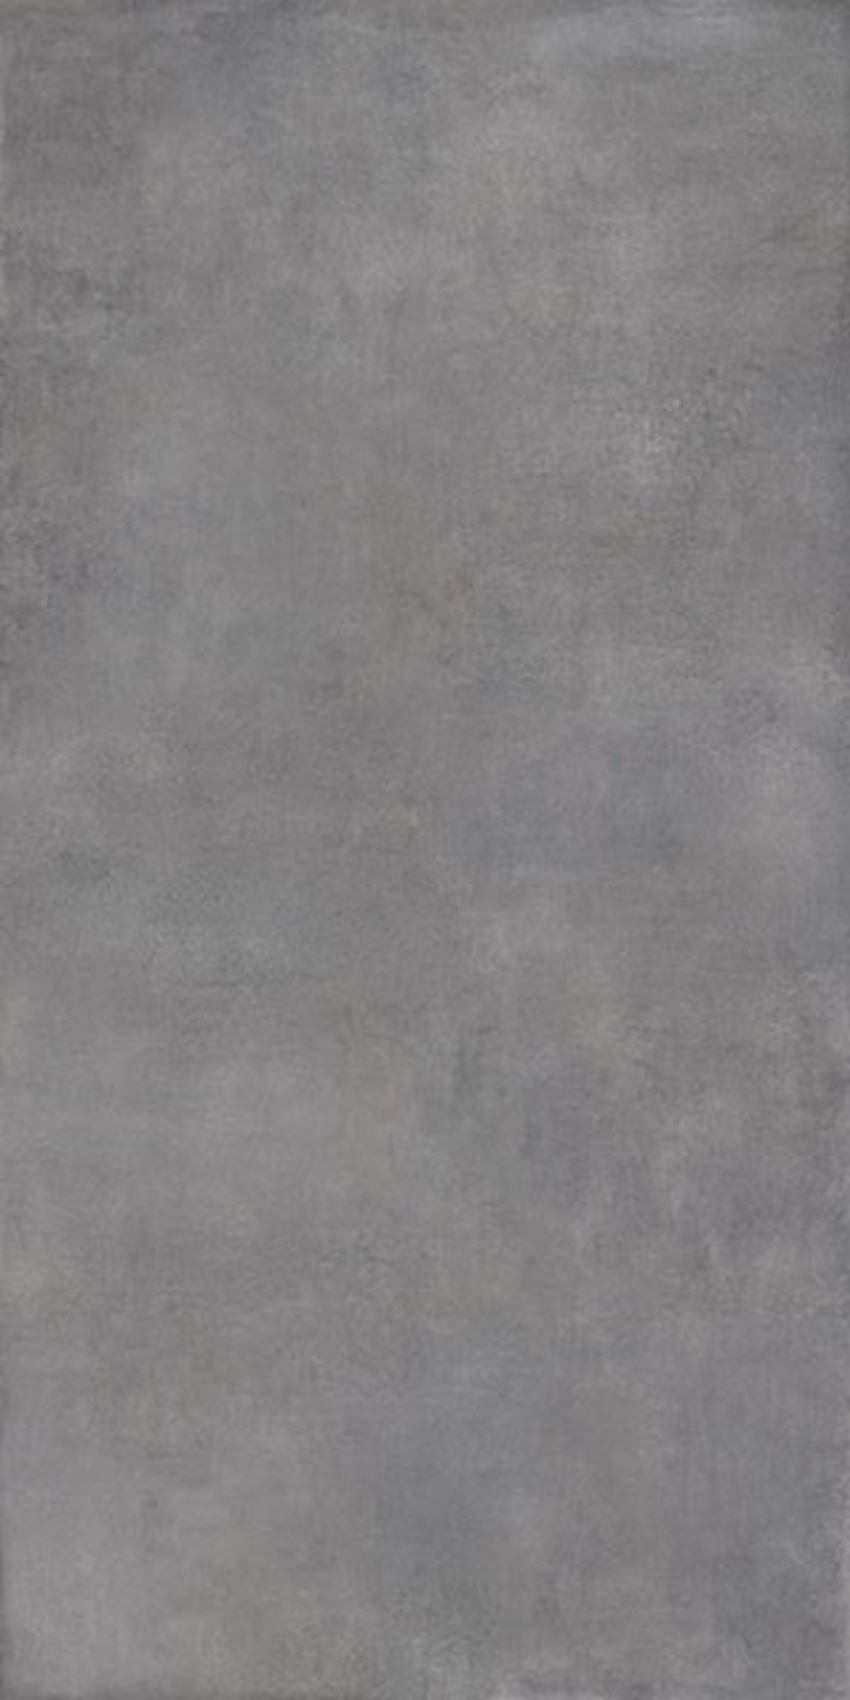 Płytka ścienna 162x324 cm Cerrad Concrete graphite polished